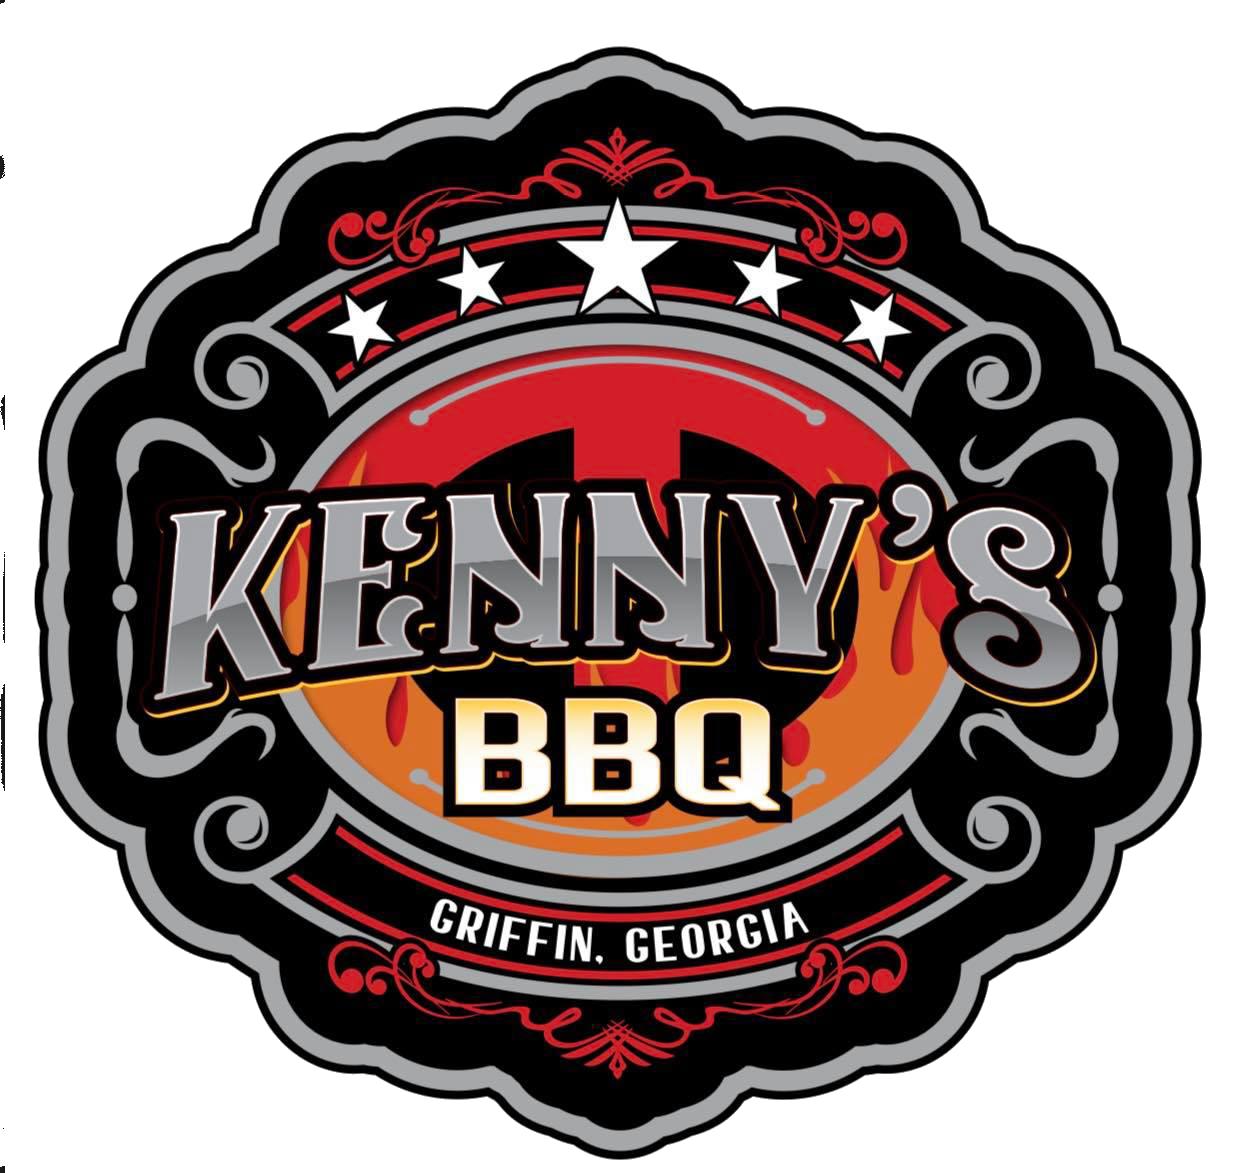 Kenny's BBQ